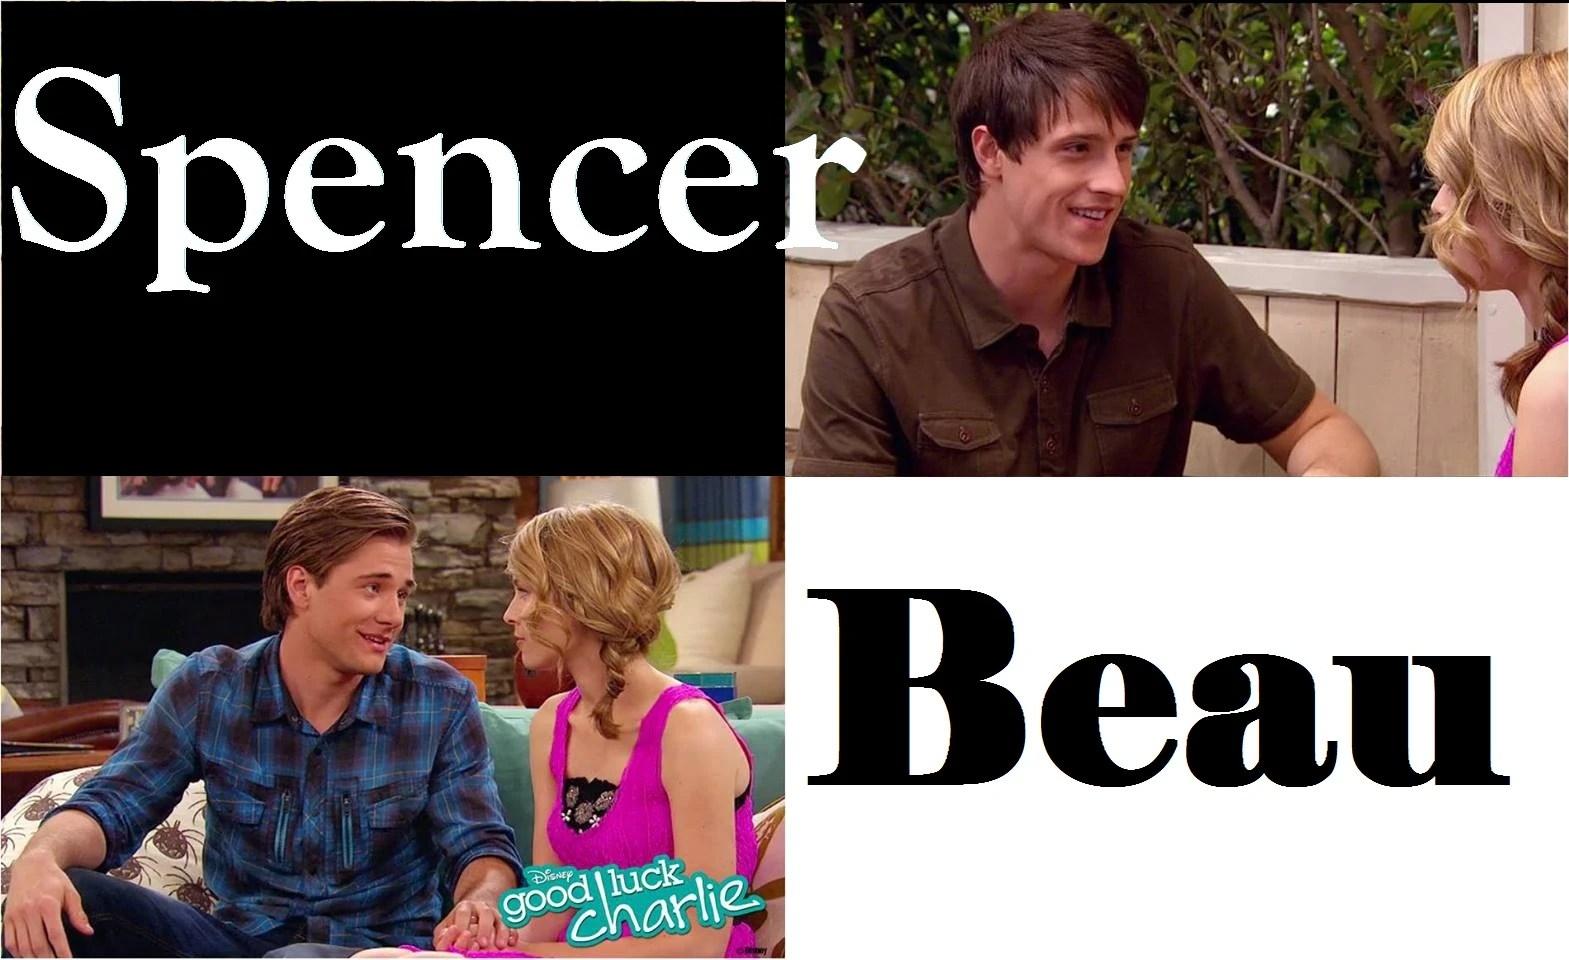 Beau Luck Charlie Good Spencer Vs